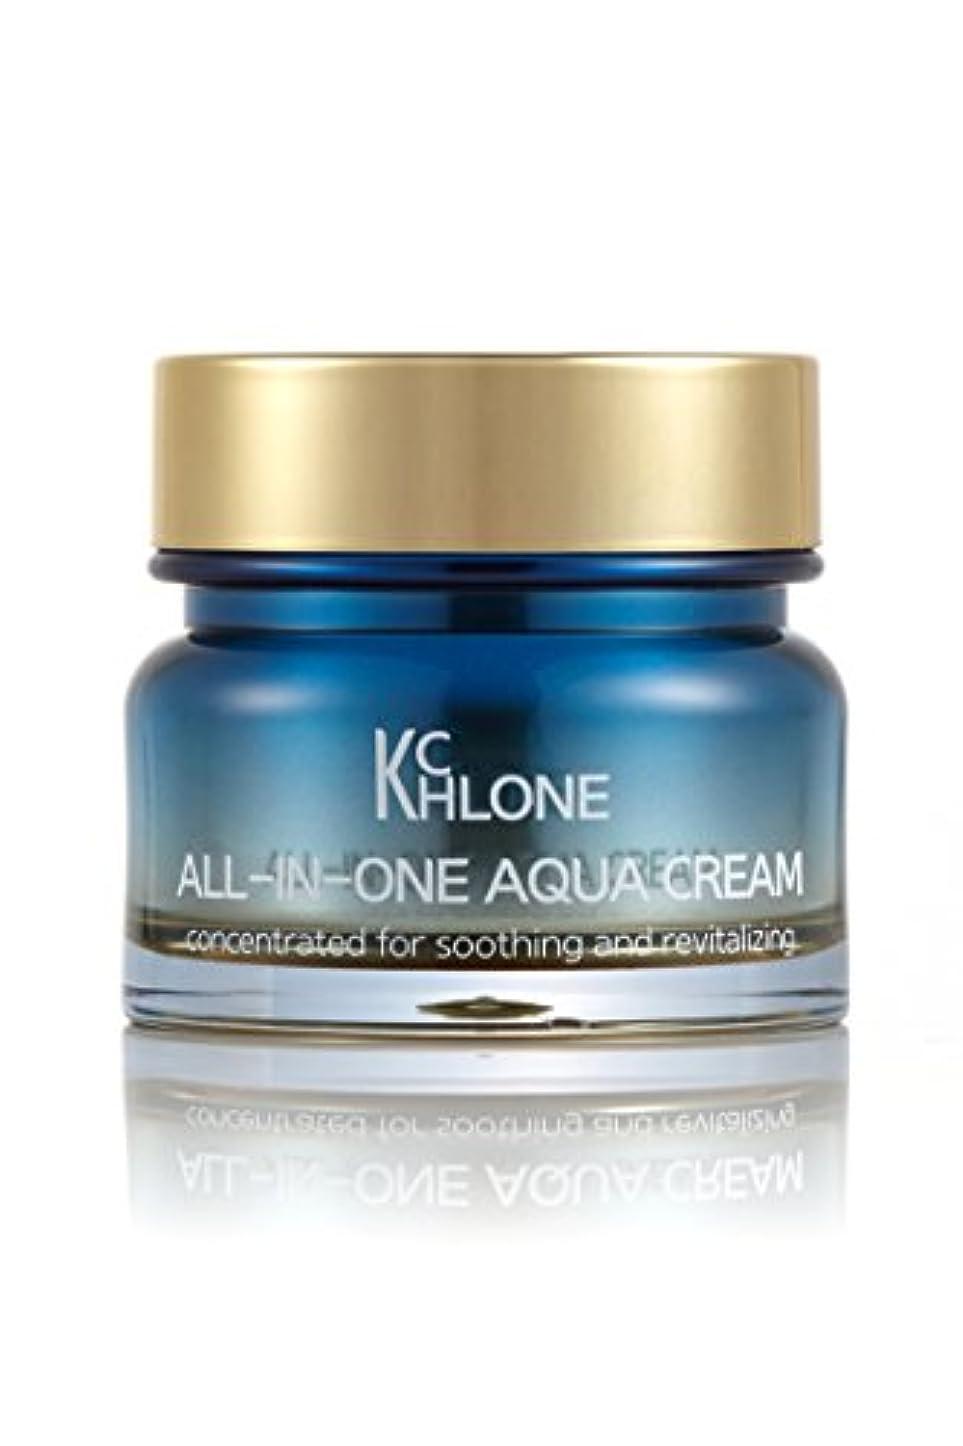 バッチうめき声とティーム[クロネ] KCHLONE オールインワンアクアクリーム50ml (All-in-One Aqua Cream 50ml)